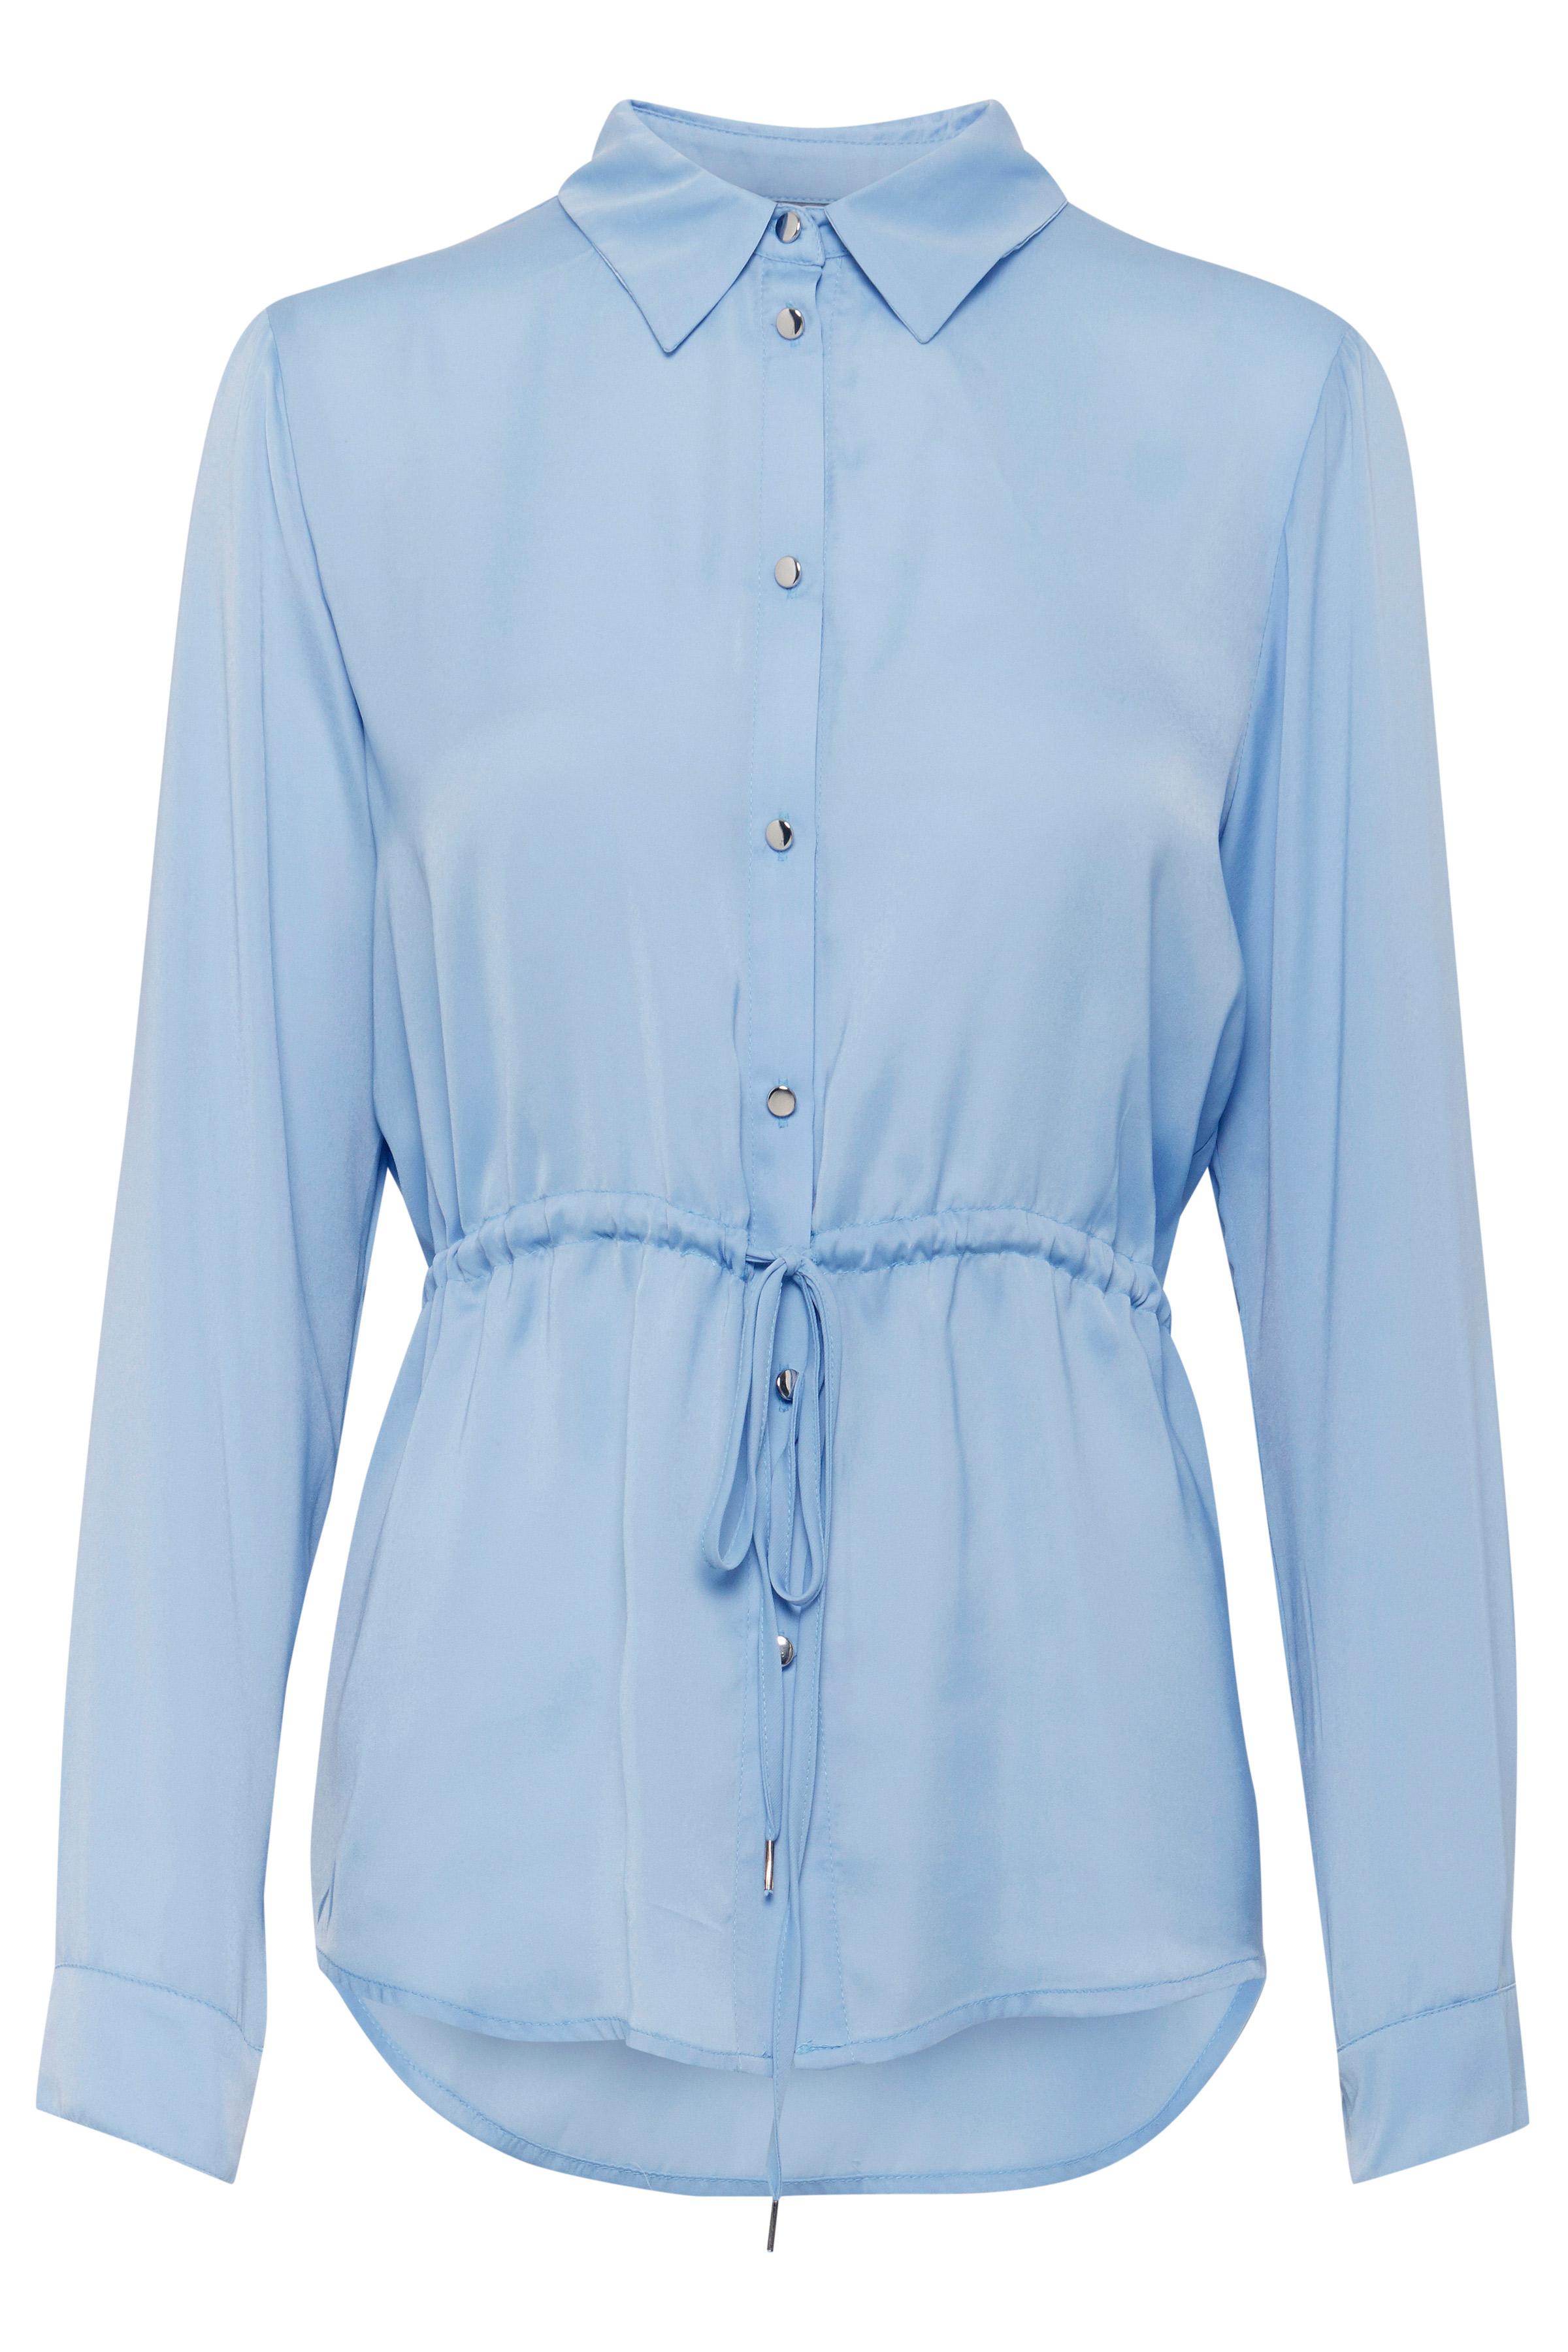 Sky Blue Overhemd met lang mouwen van b.young – Koop Sky Blue Overhemd met lang mouwen hier van size 36-46